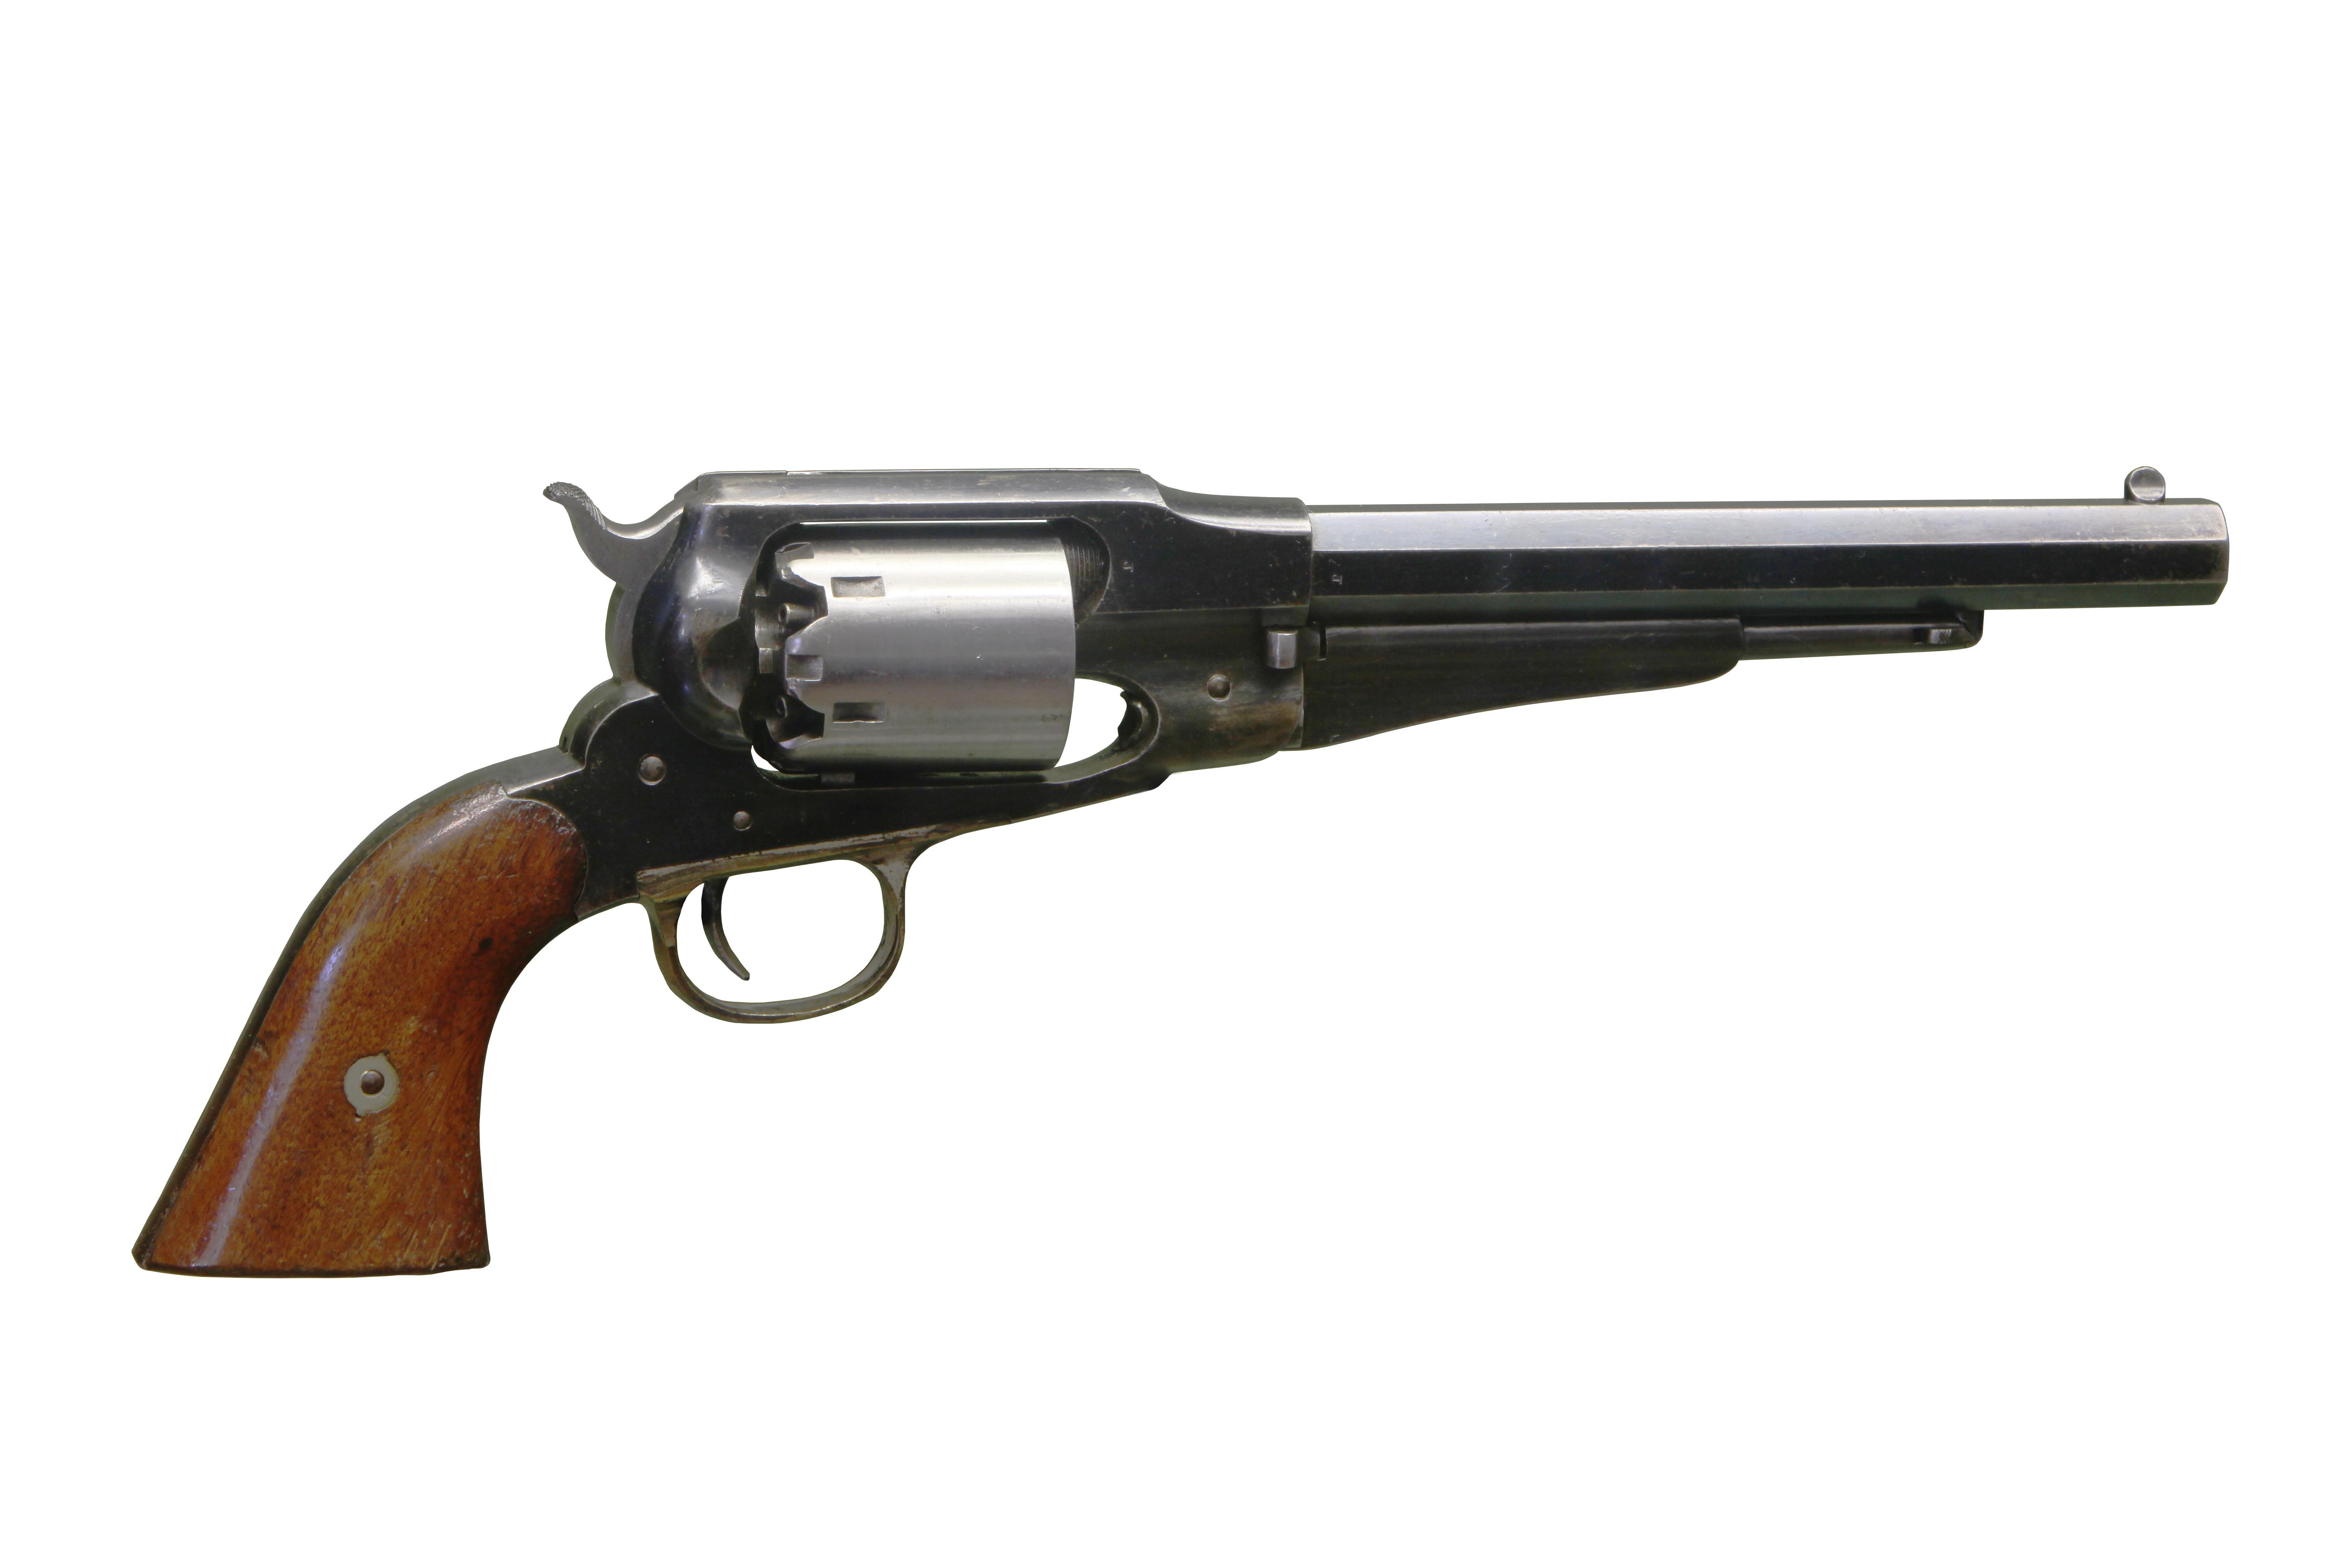 Remington Modelo 1858 - Wikipedia, la enciclopedia libre